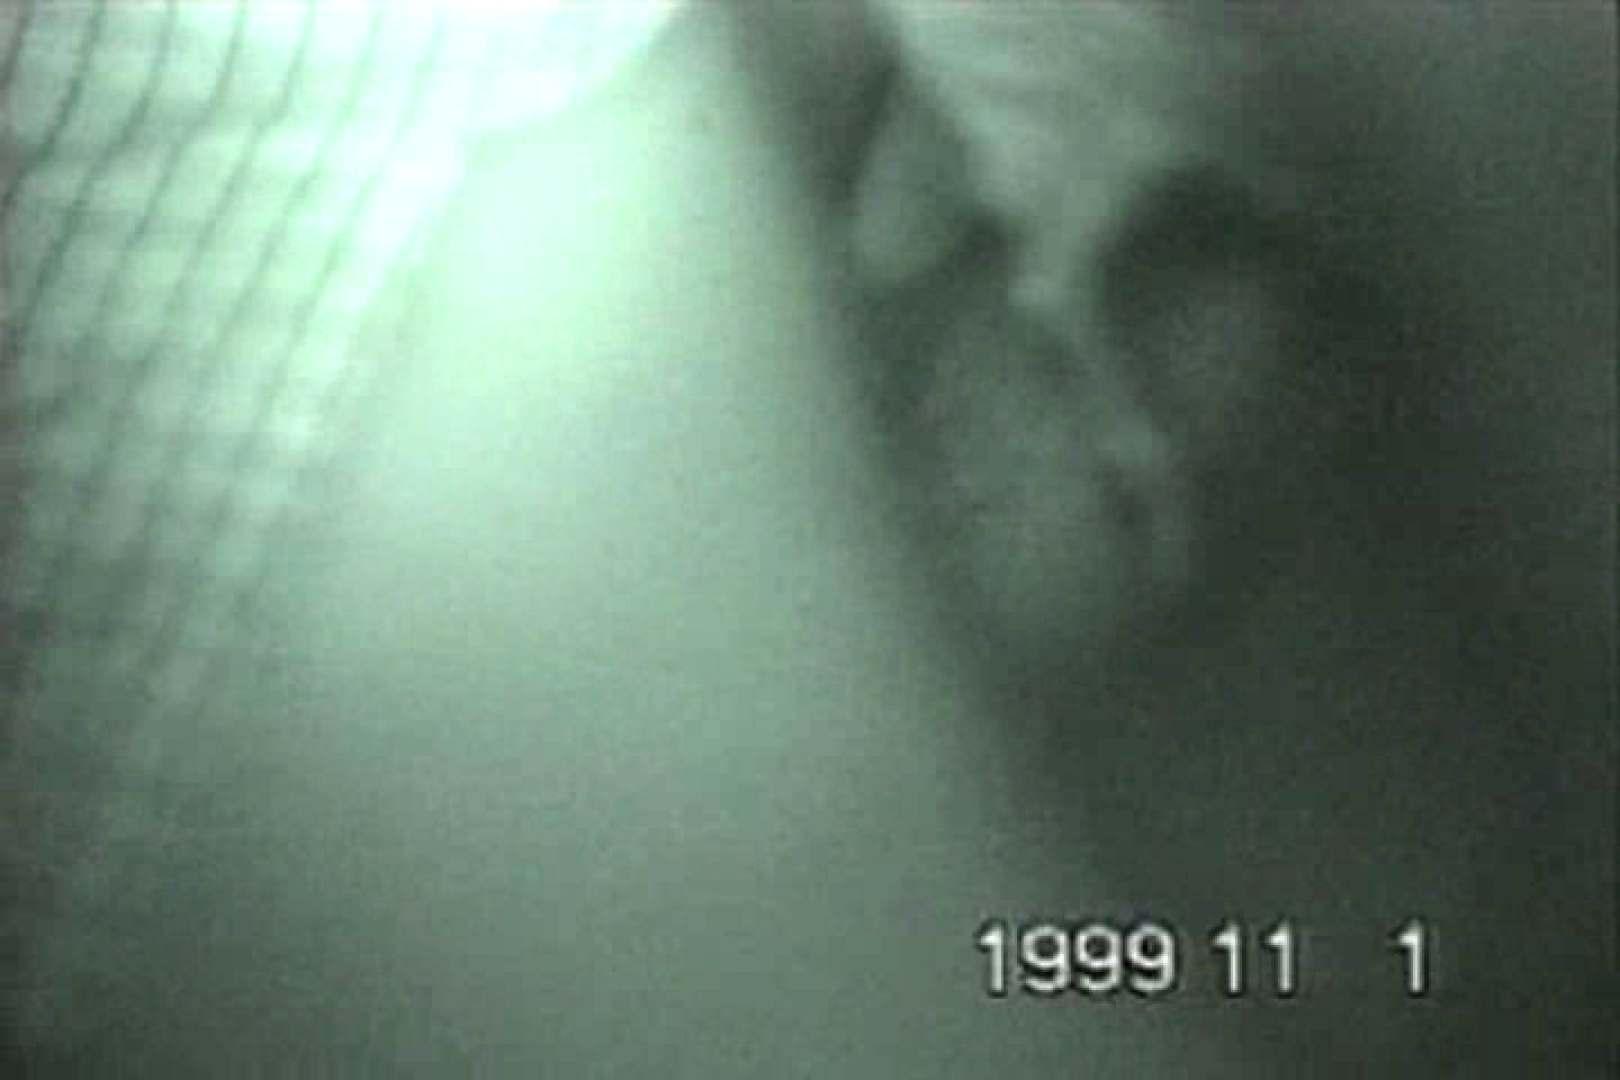 蔵出し!!赤外線カーセックスVol.5 エロティックなOL すけべAV動画紹介 74画像 57